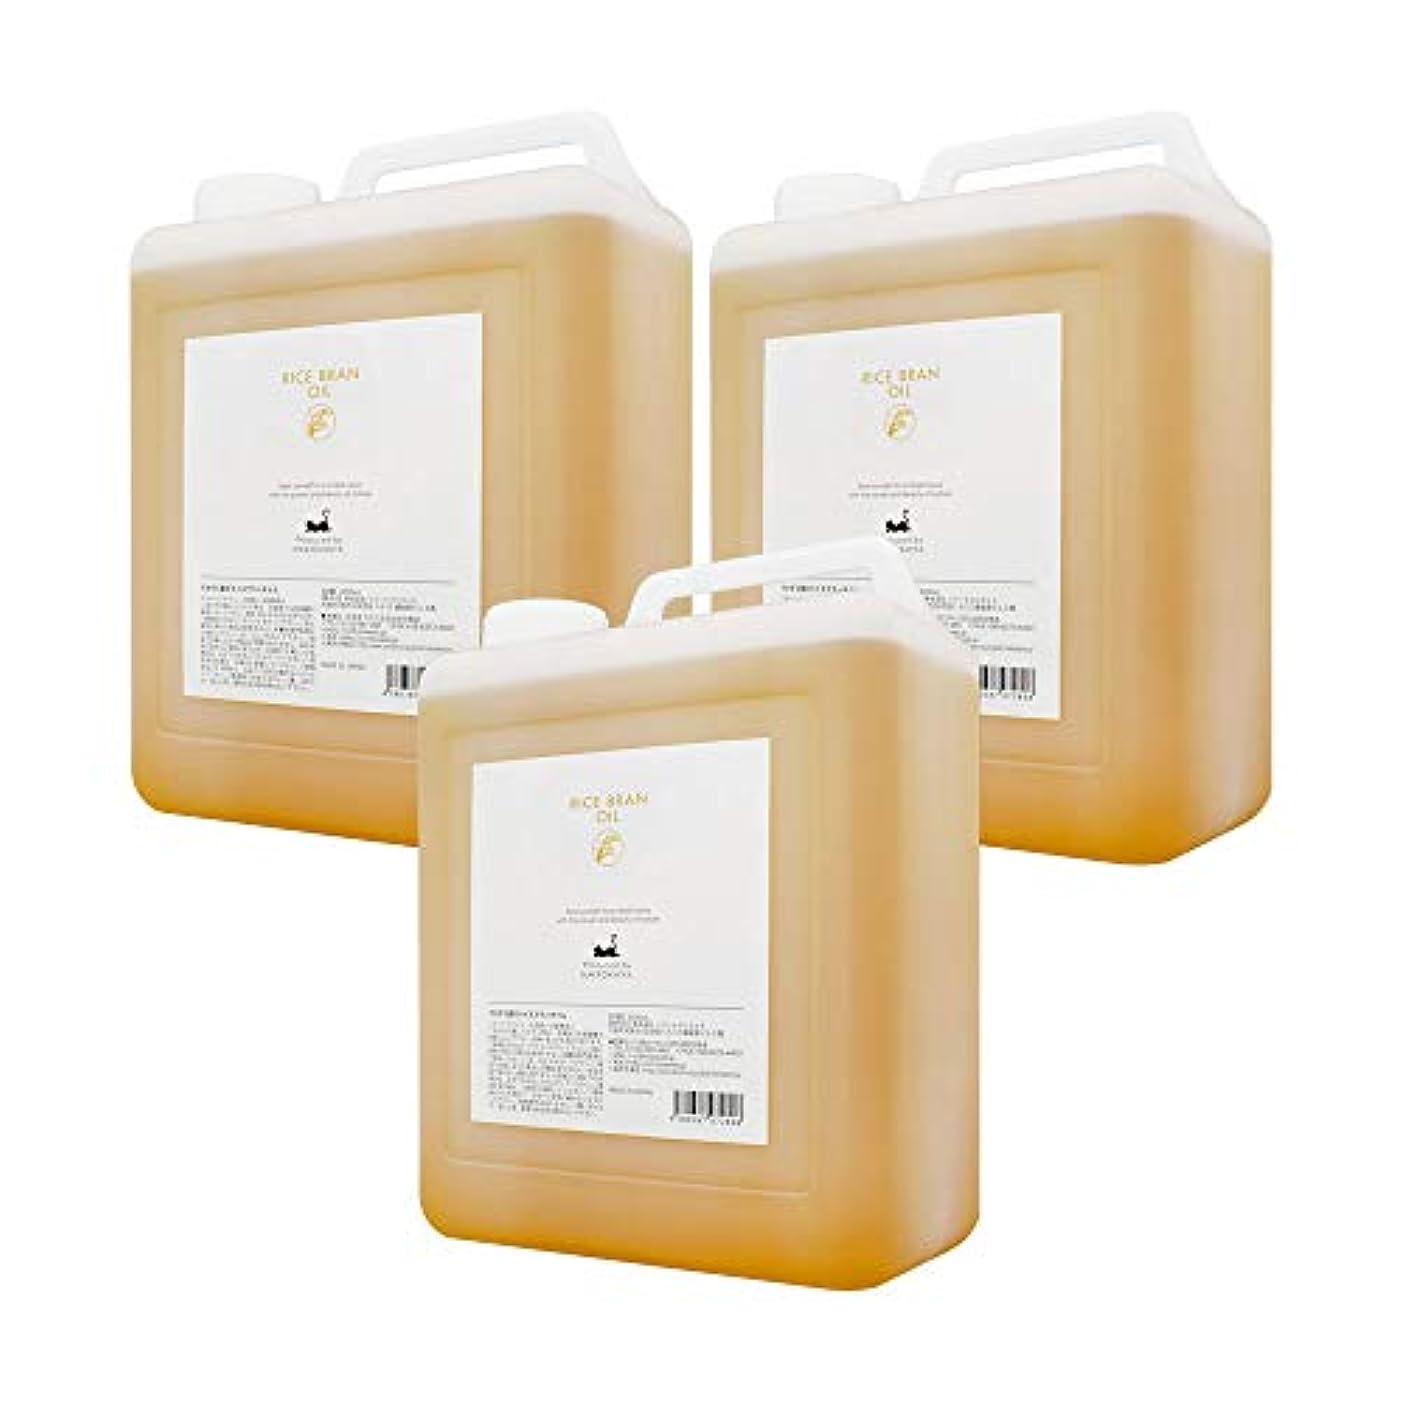 タオルチーズほとんどないライスブランオイル3000ml×3本 (米油 米ぬか油 ライスオイル/コック付) 高級サロン仕様 マッサージオイル キャリアオイル (フェイス/ボディ用) 業務用?大容量